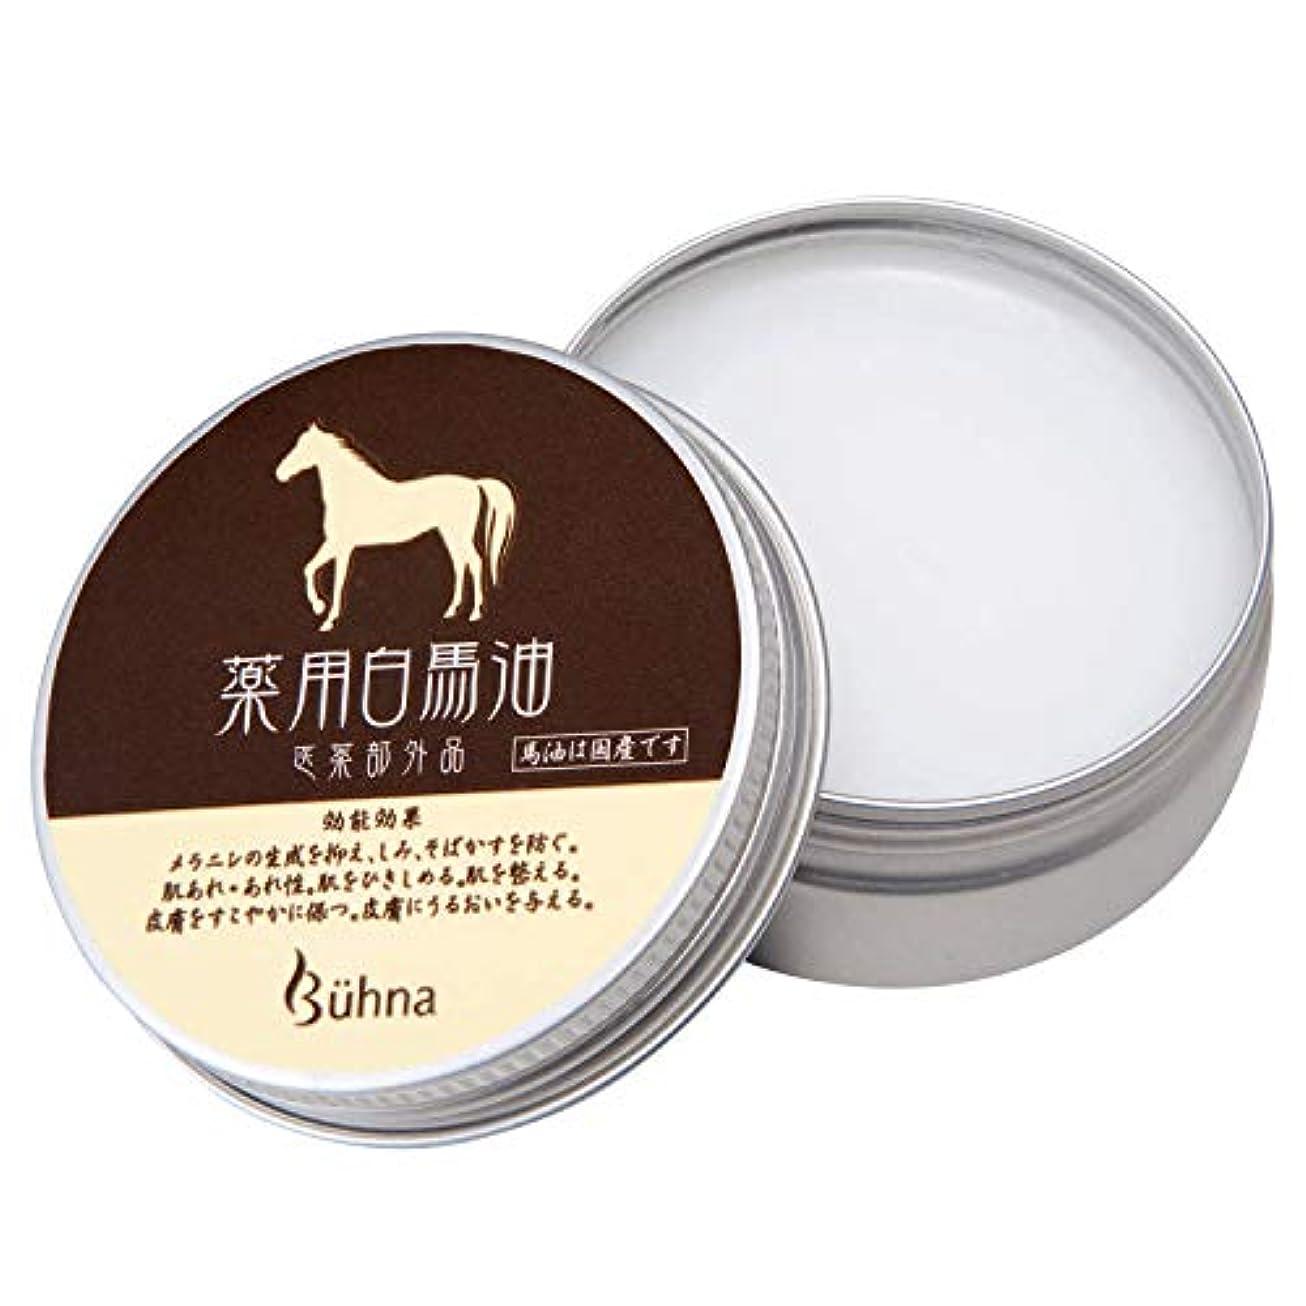 ビューナ 薬用白馬油 敏感肌 無香料 無着色 保湿 美白 アルコールフリー 鉱物油フリー 医薬部外品 肌になじみやすい 純度が高いので白くて臭いがない